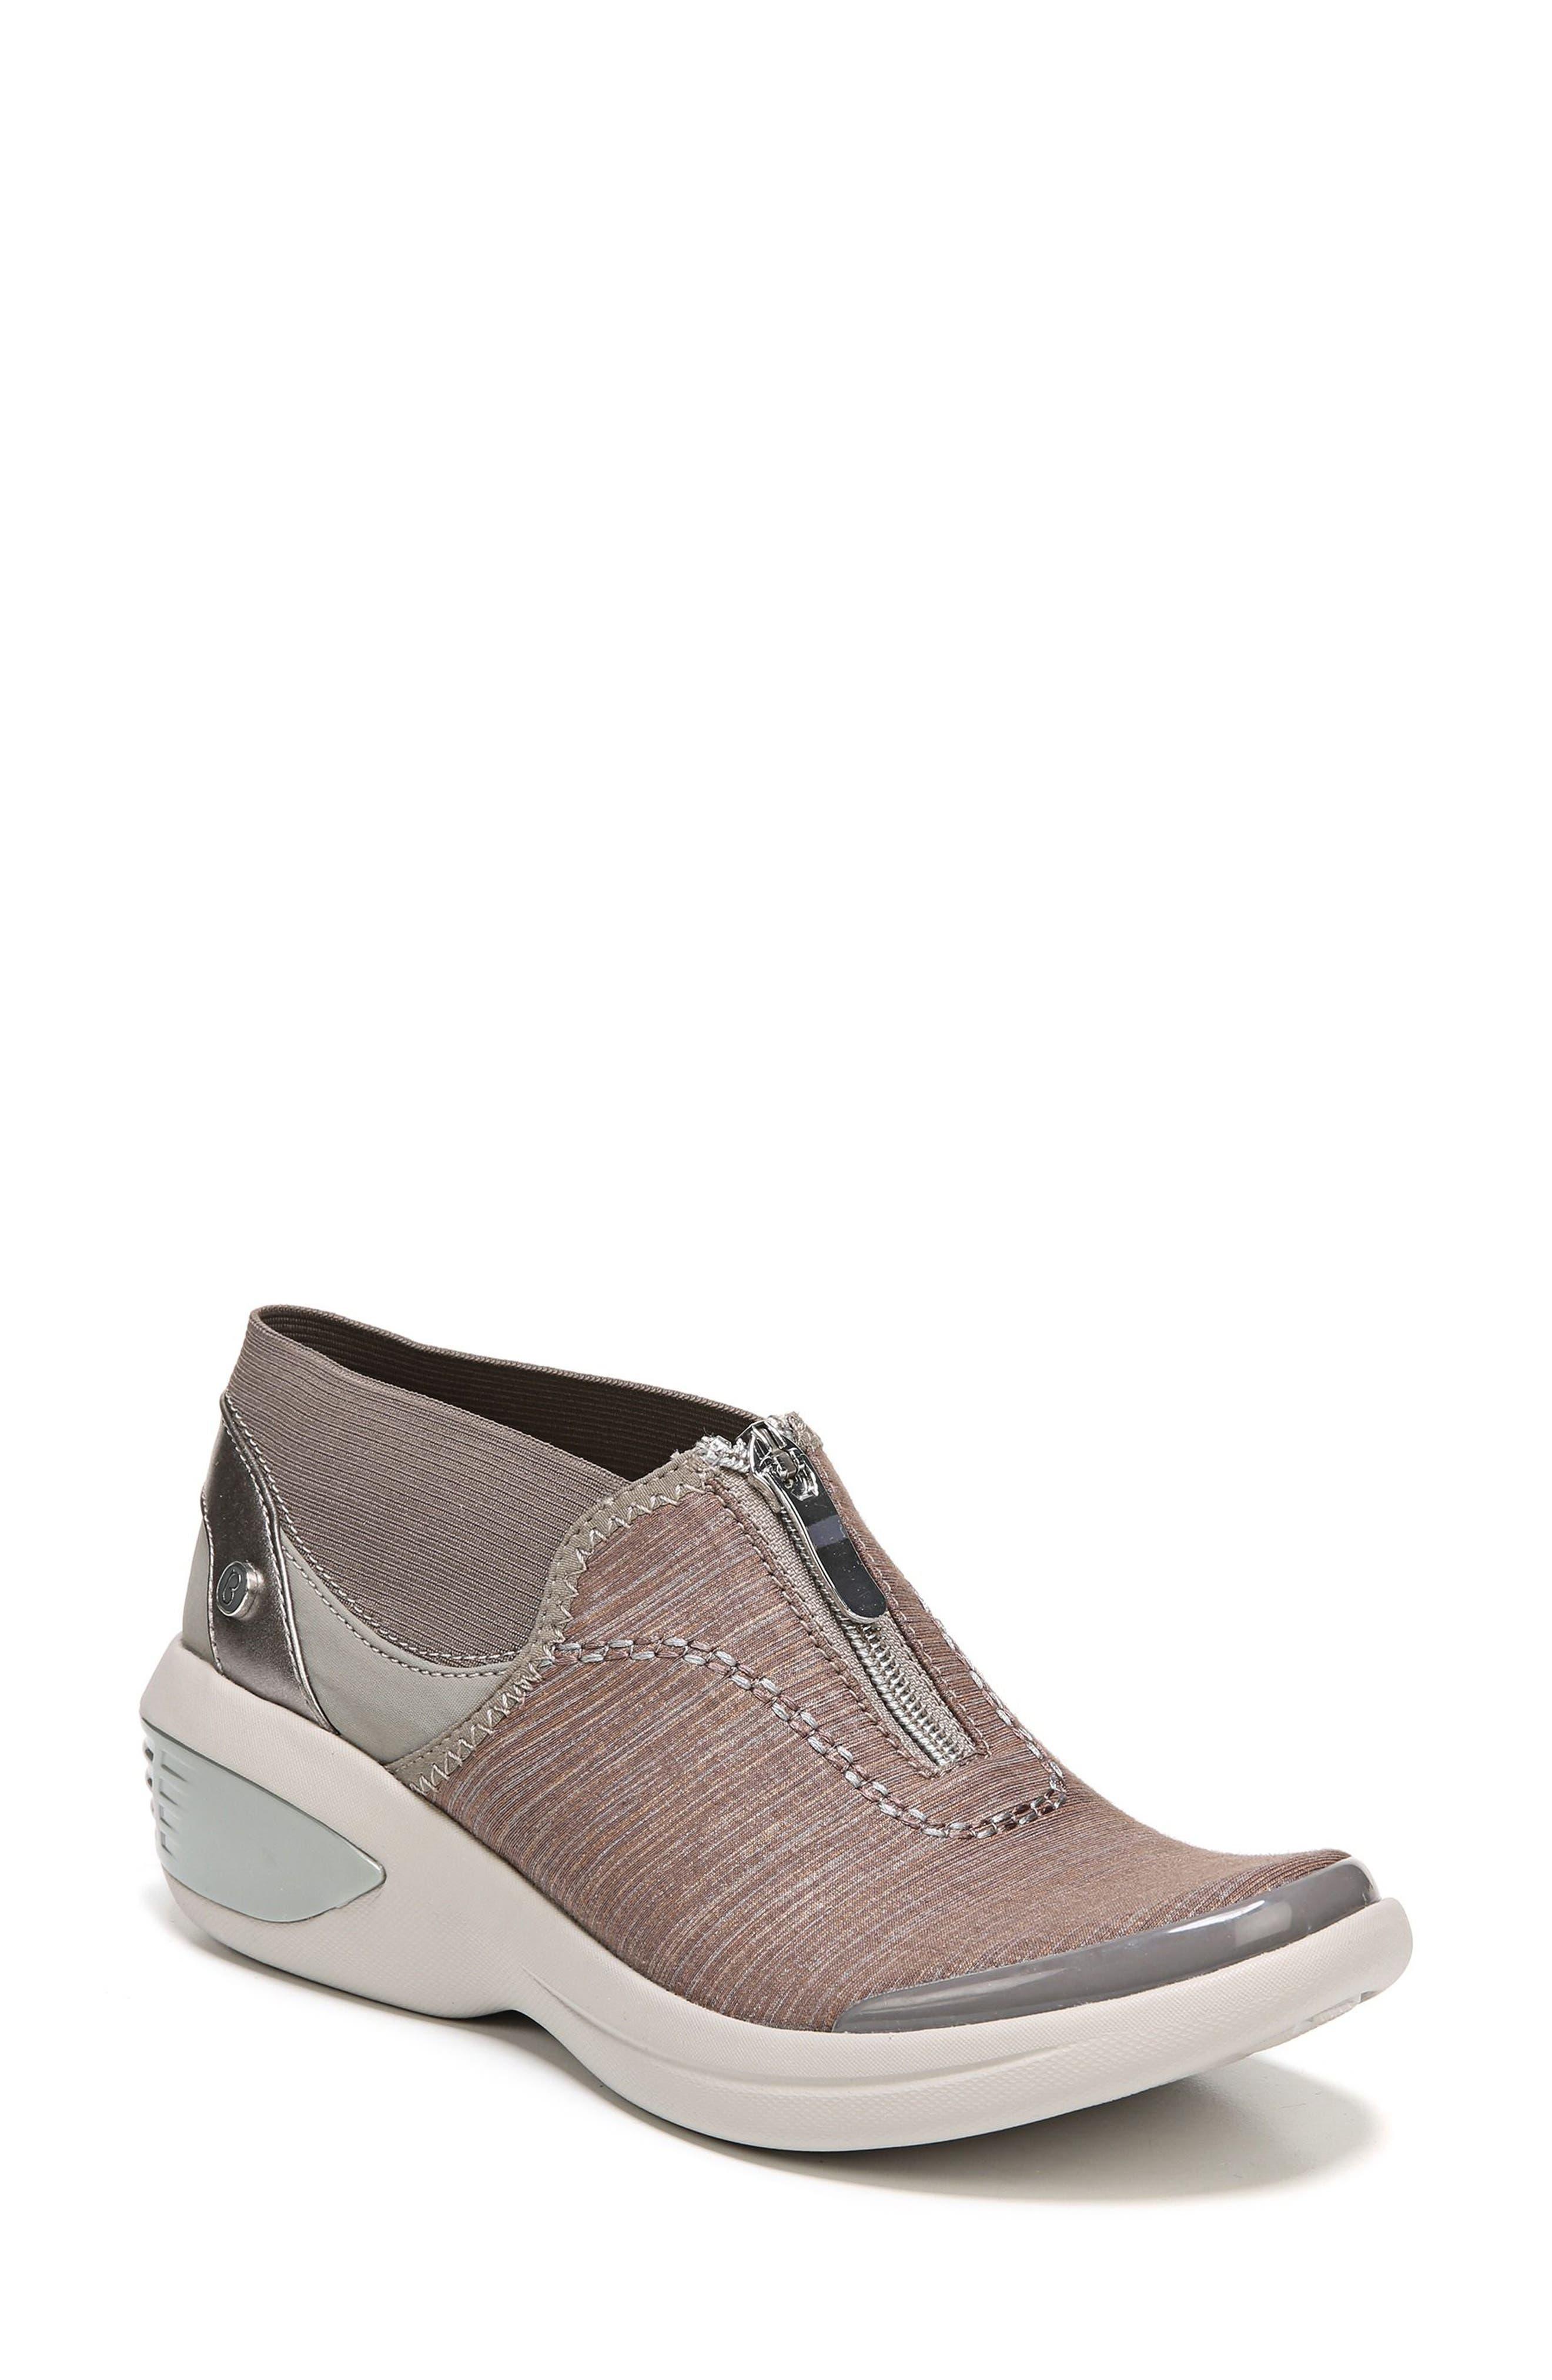 BZEES, Fling Wedge Sneaker, Main thumbnail 1, color, BROWN FABRIC